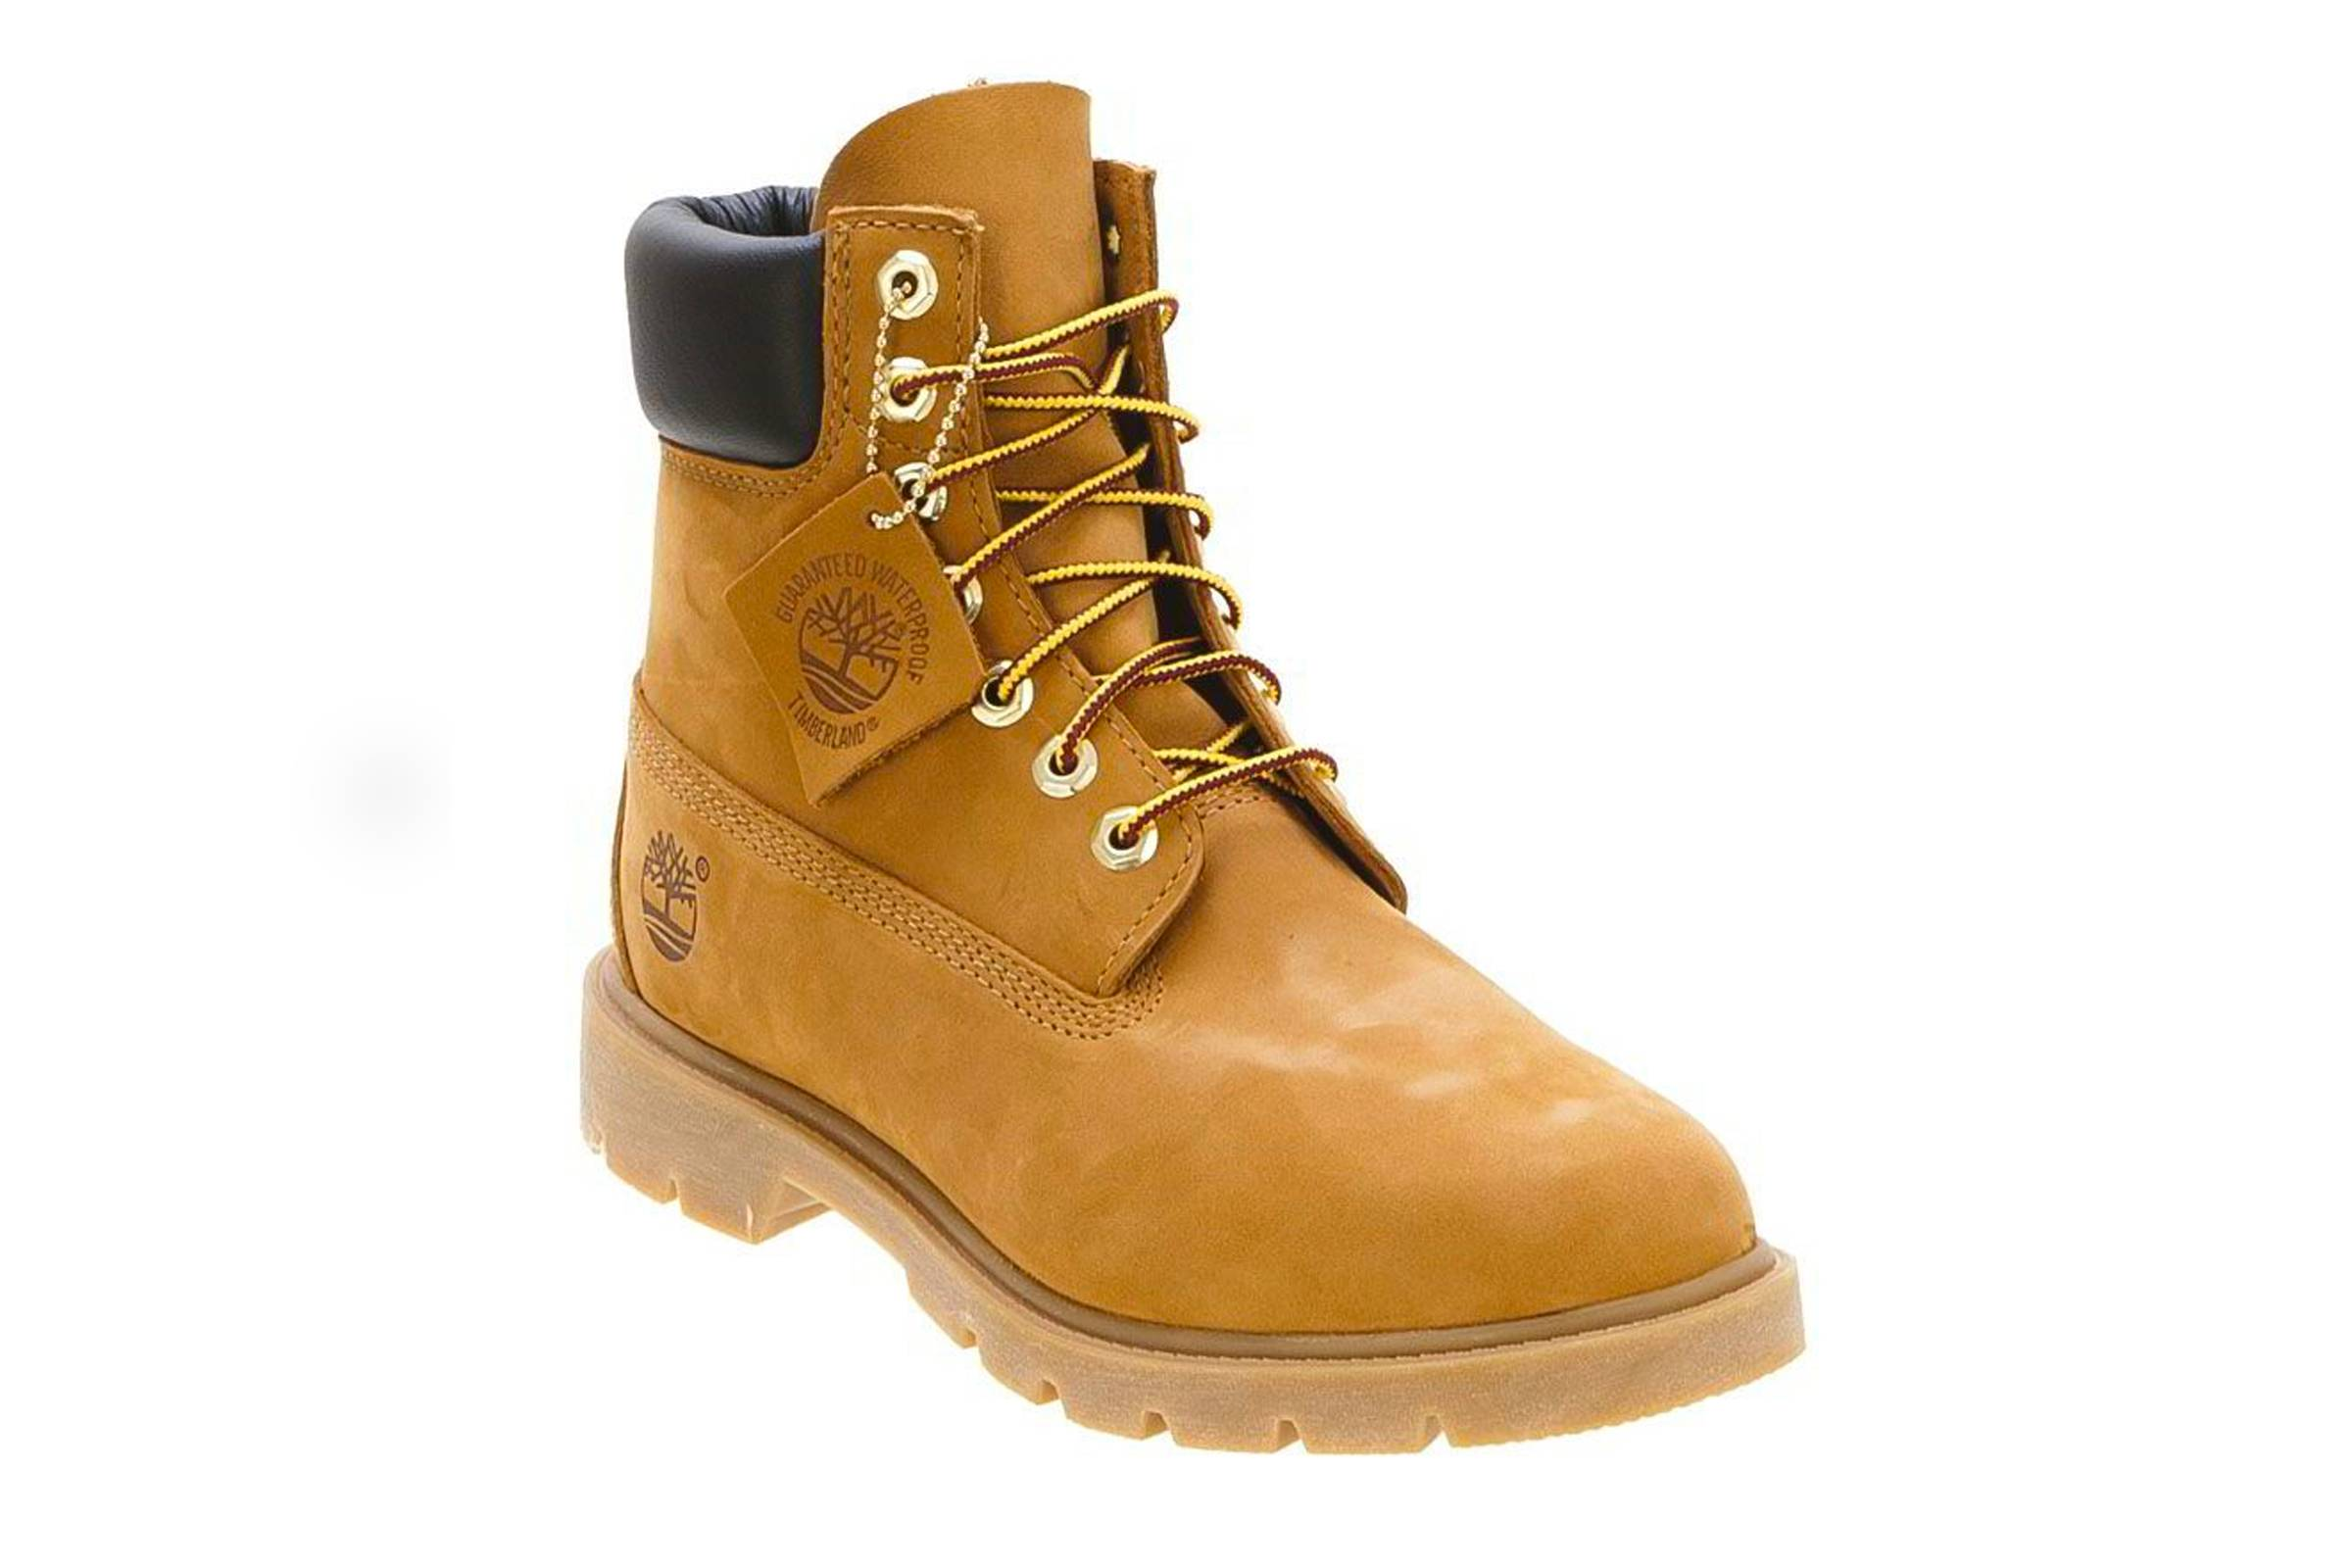 Timberland 6-Inch Premium Waterproof Boot